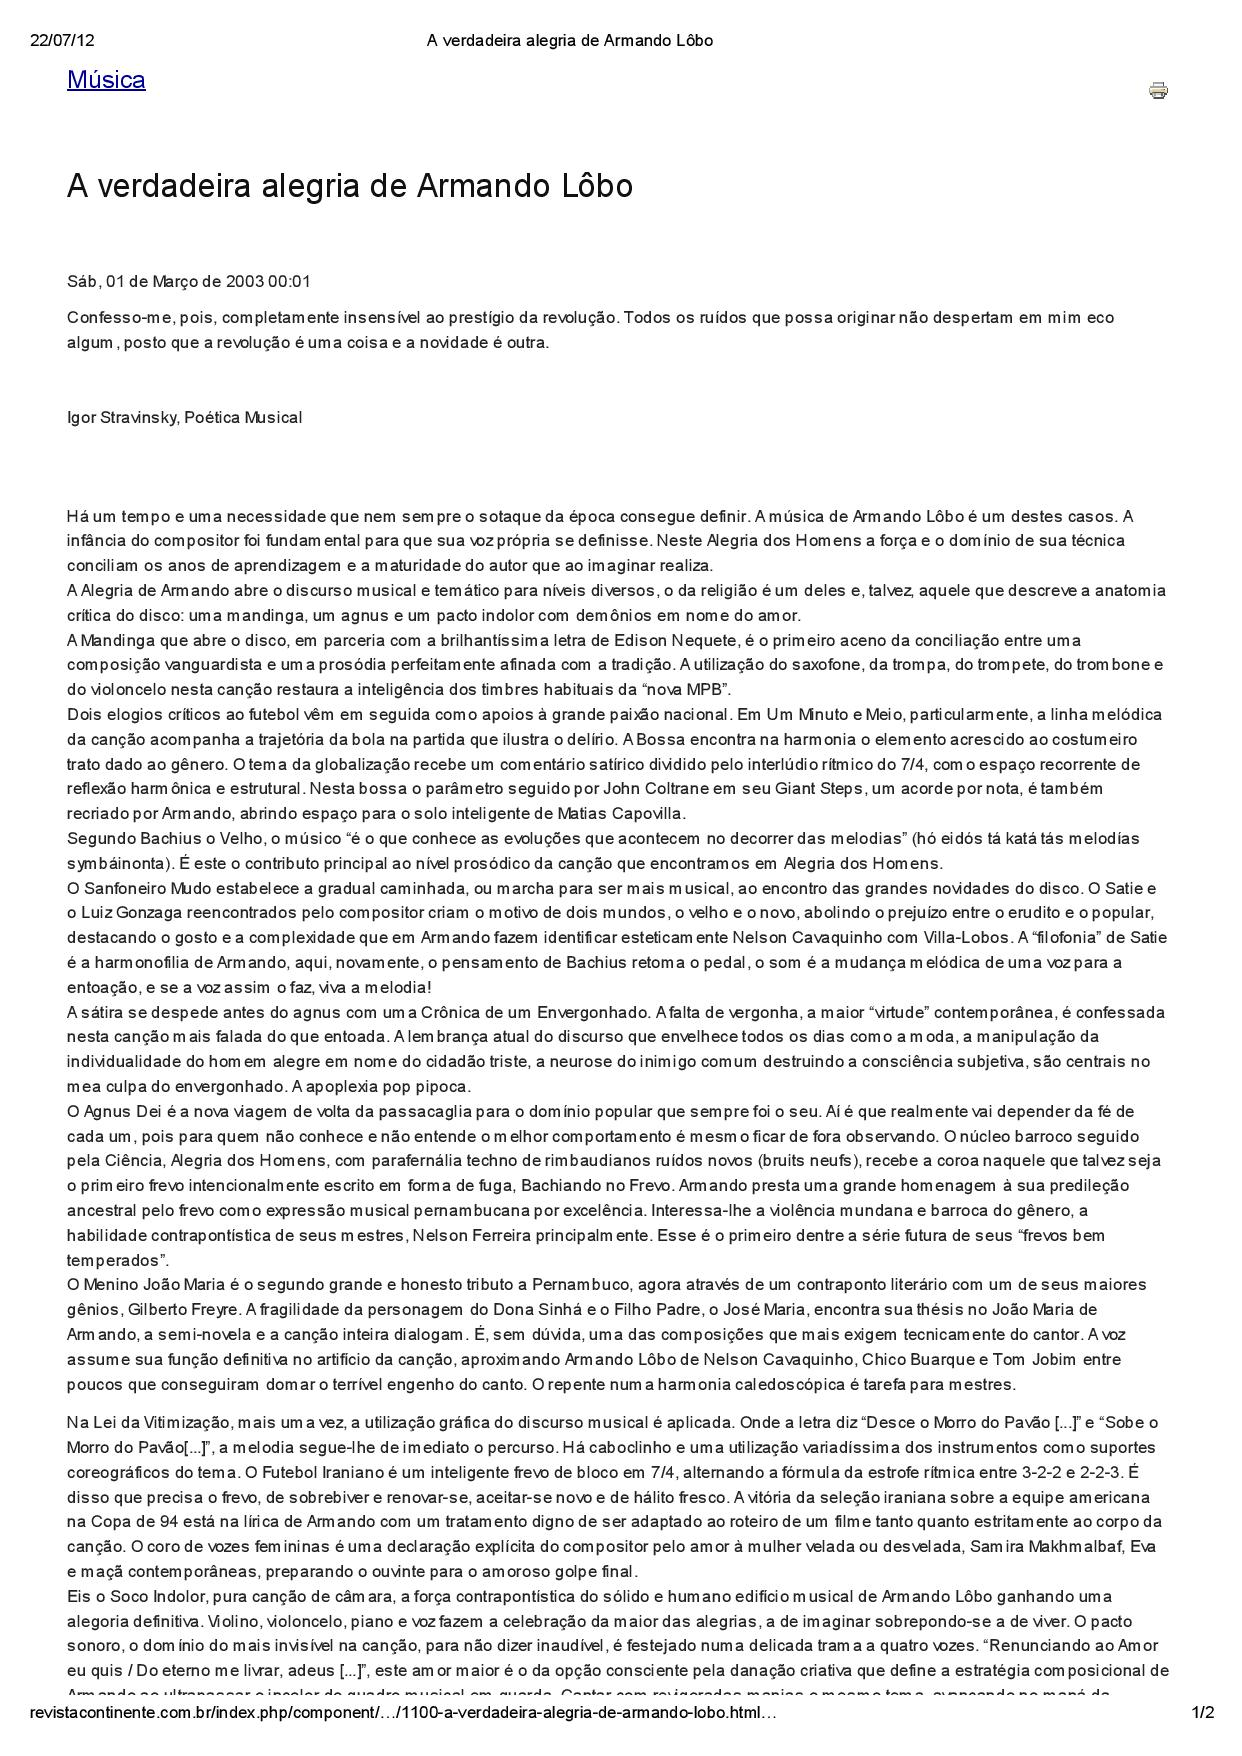 A_verdadeira_alegria_de_Armando_Lôbo-page-001